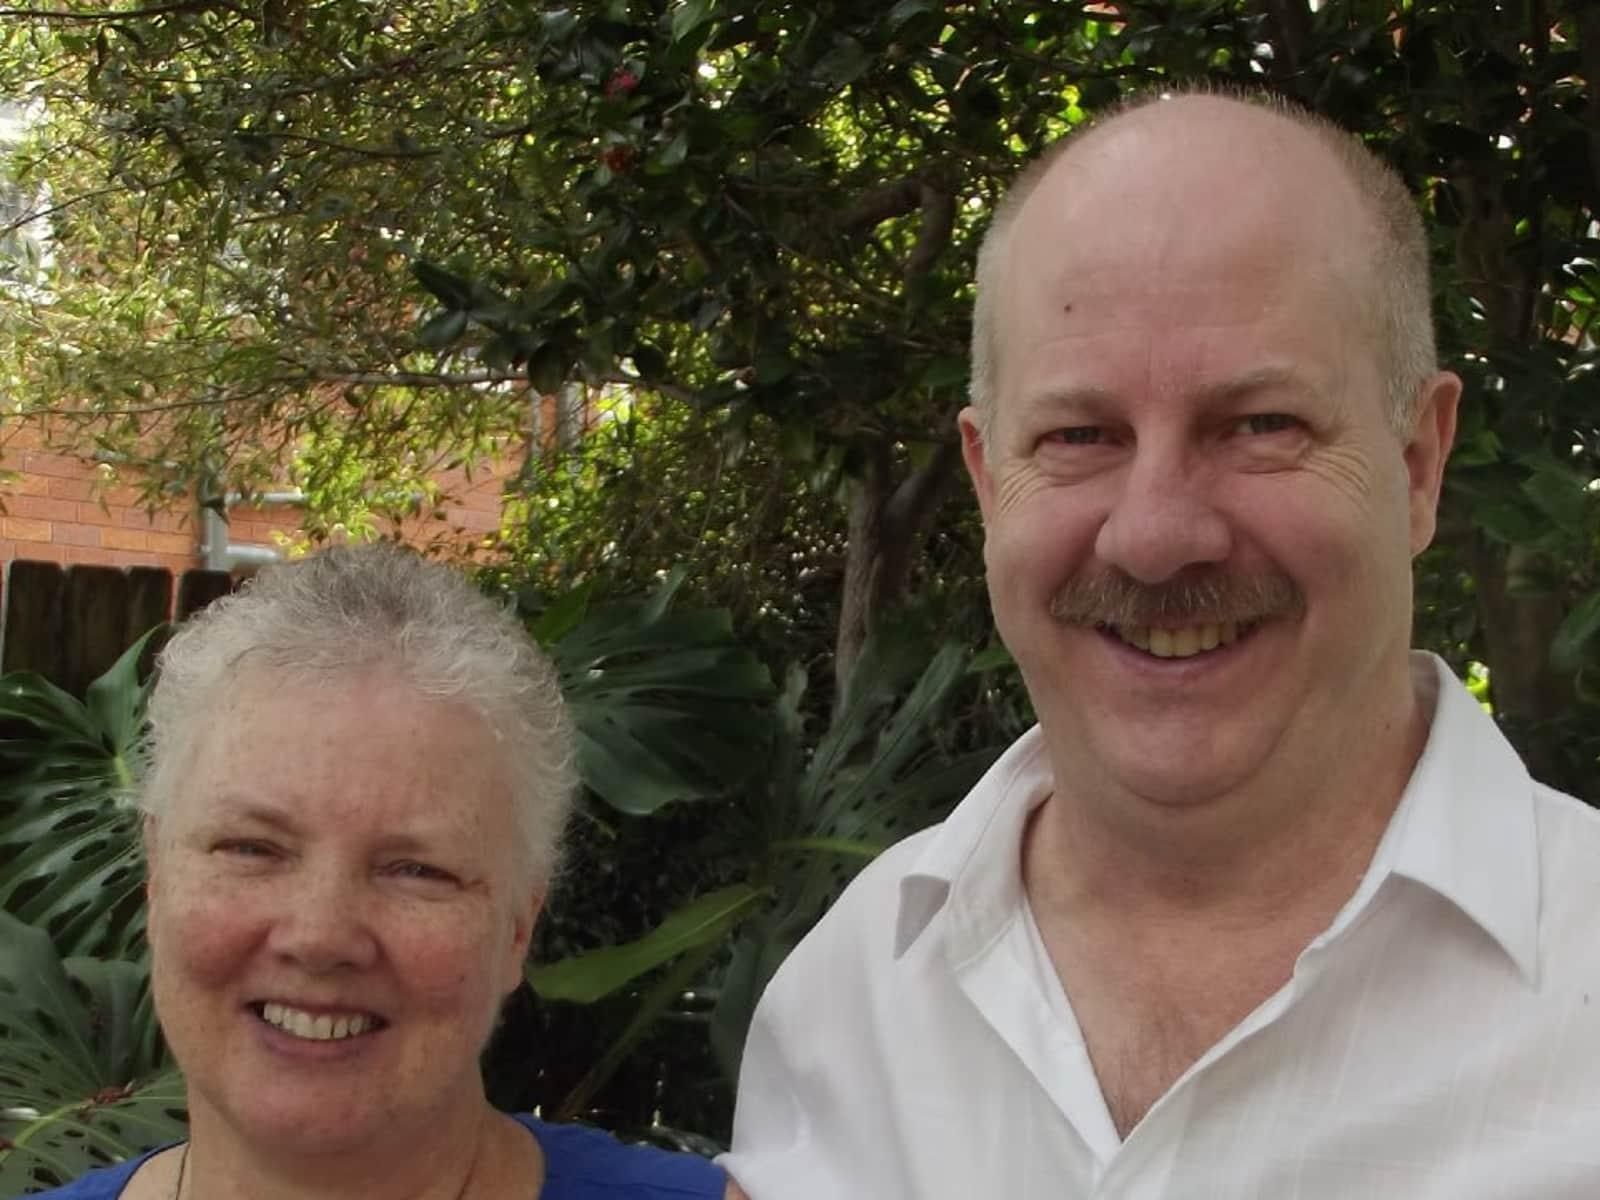 Gary & joanne & Joanne from Sydney, New South Wales, Australia